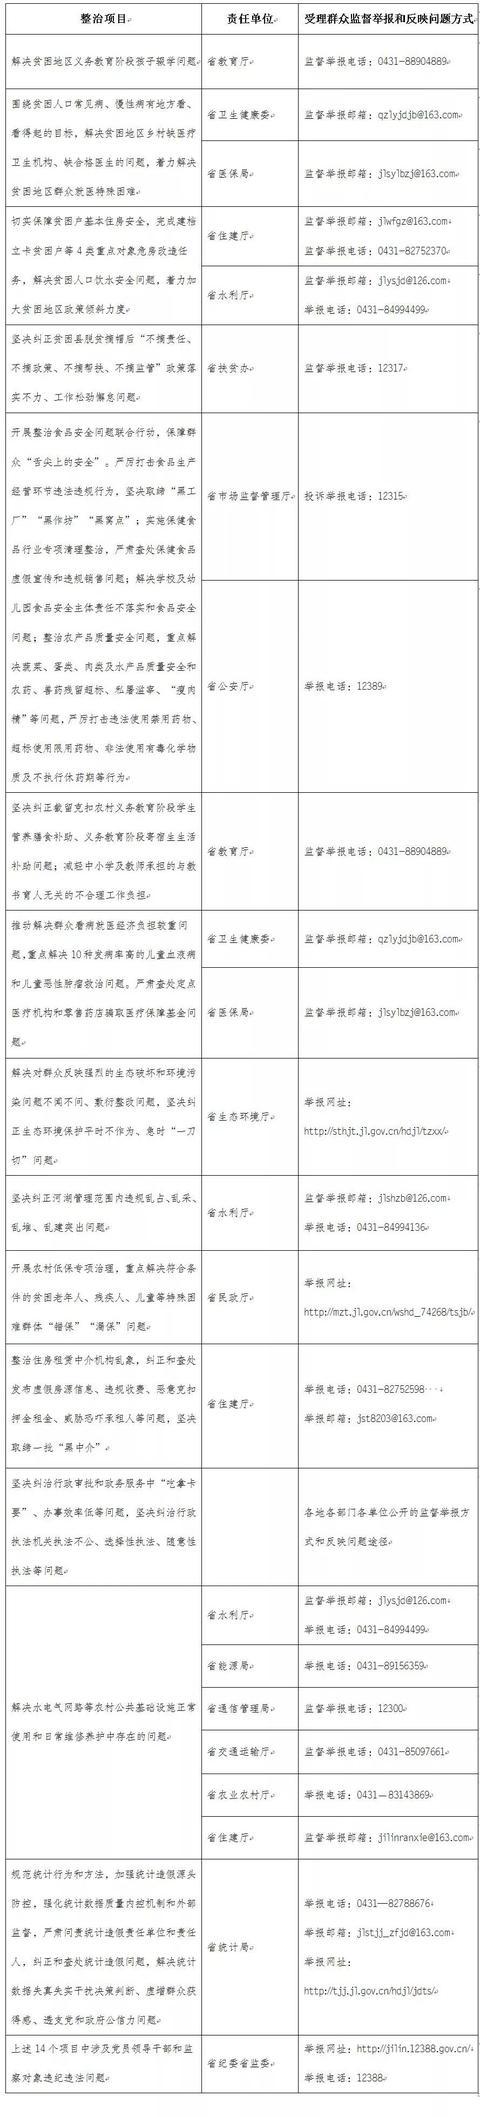 收藏!吉林省专项整治漠视侵害群众利益问题监督举报方式公布